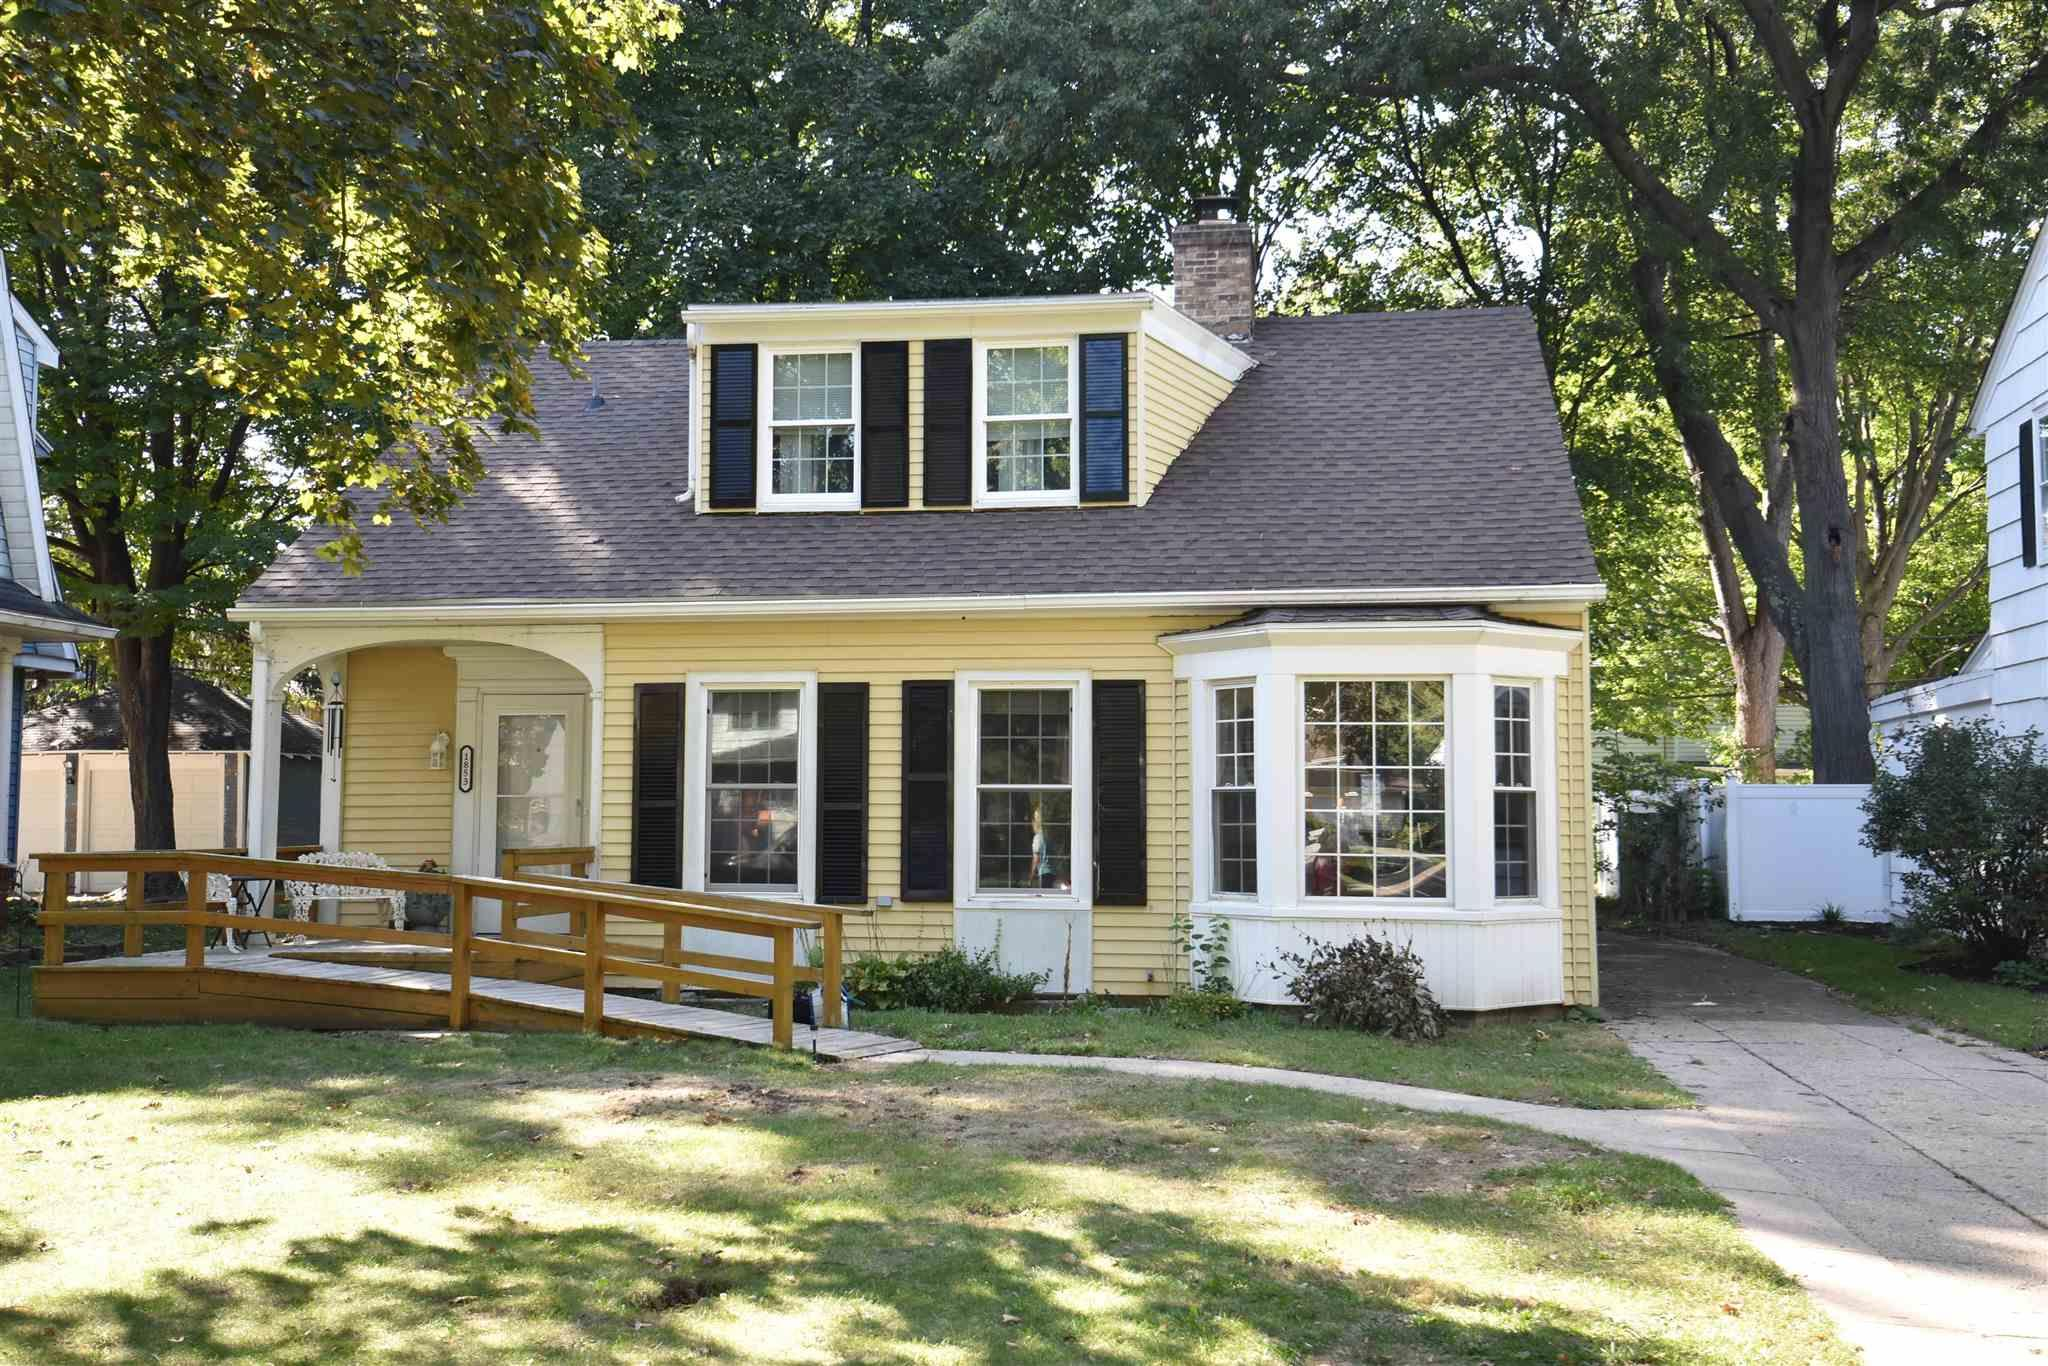 1853 N Adams South Bend, IN 46628